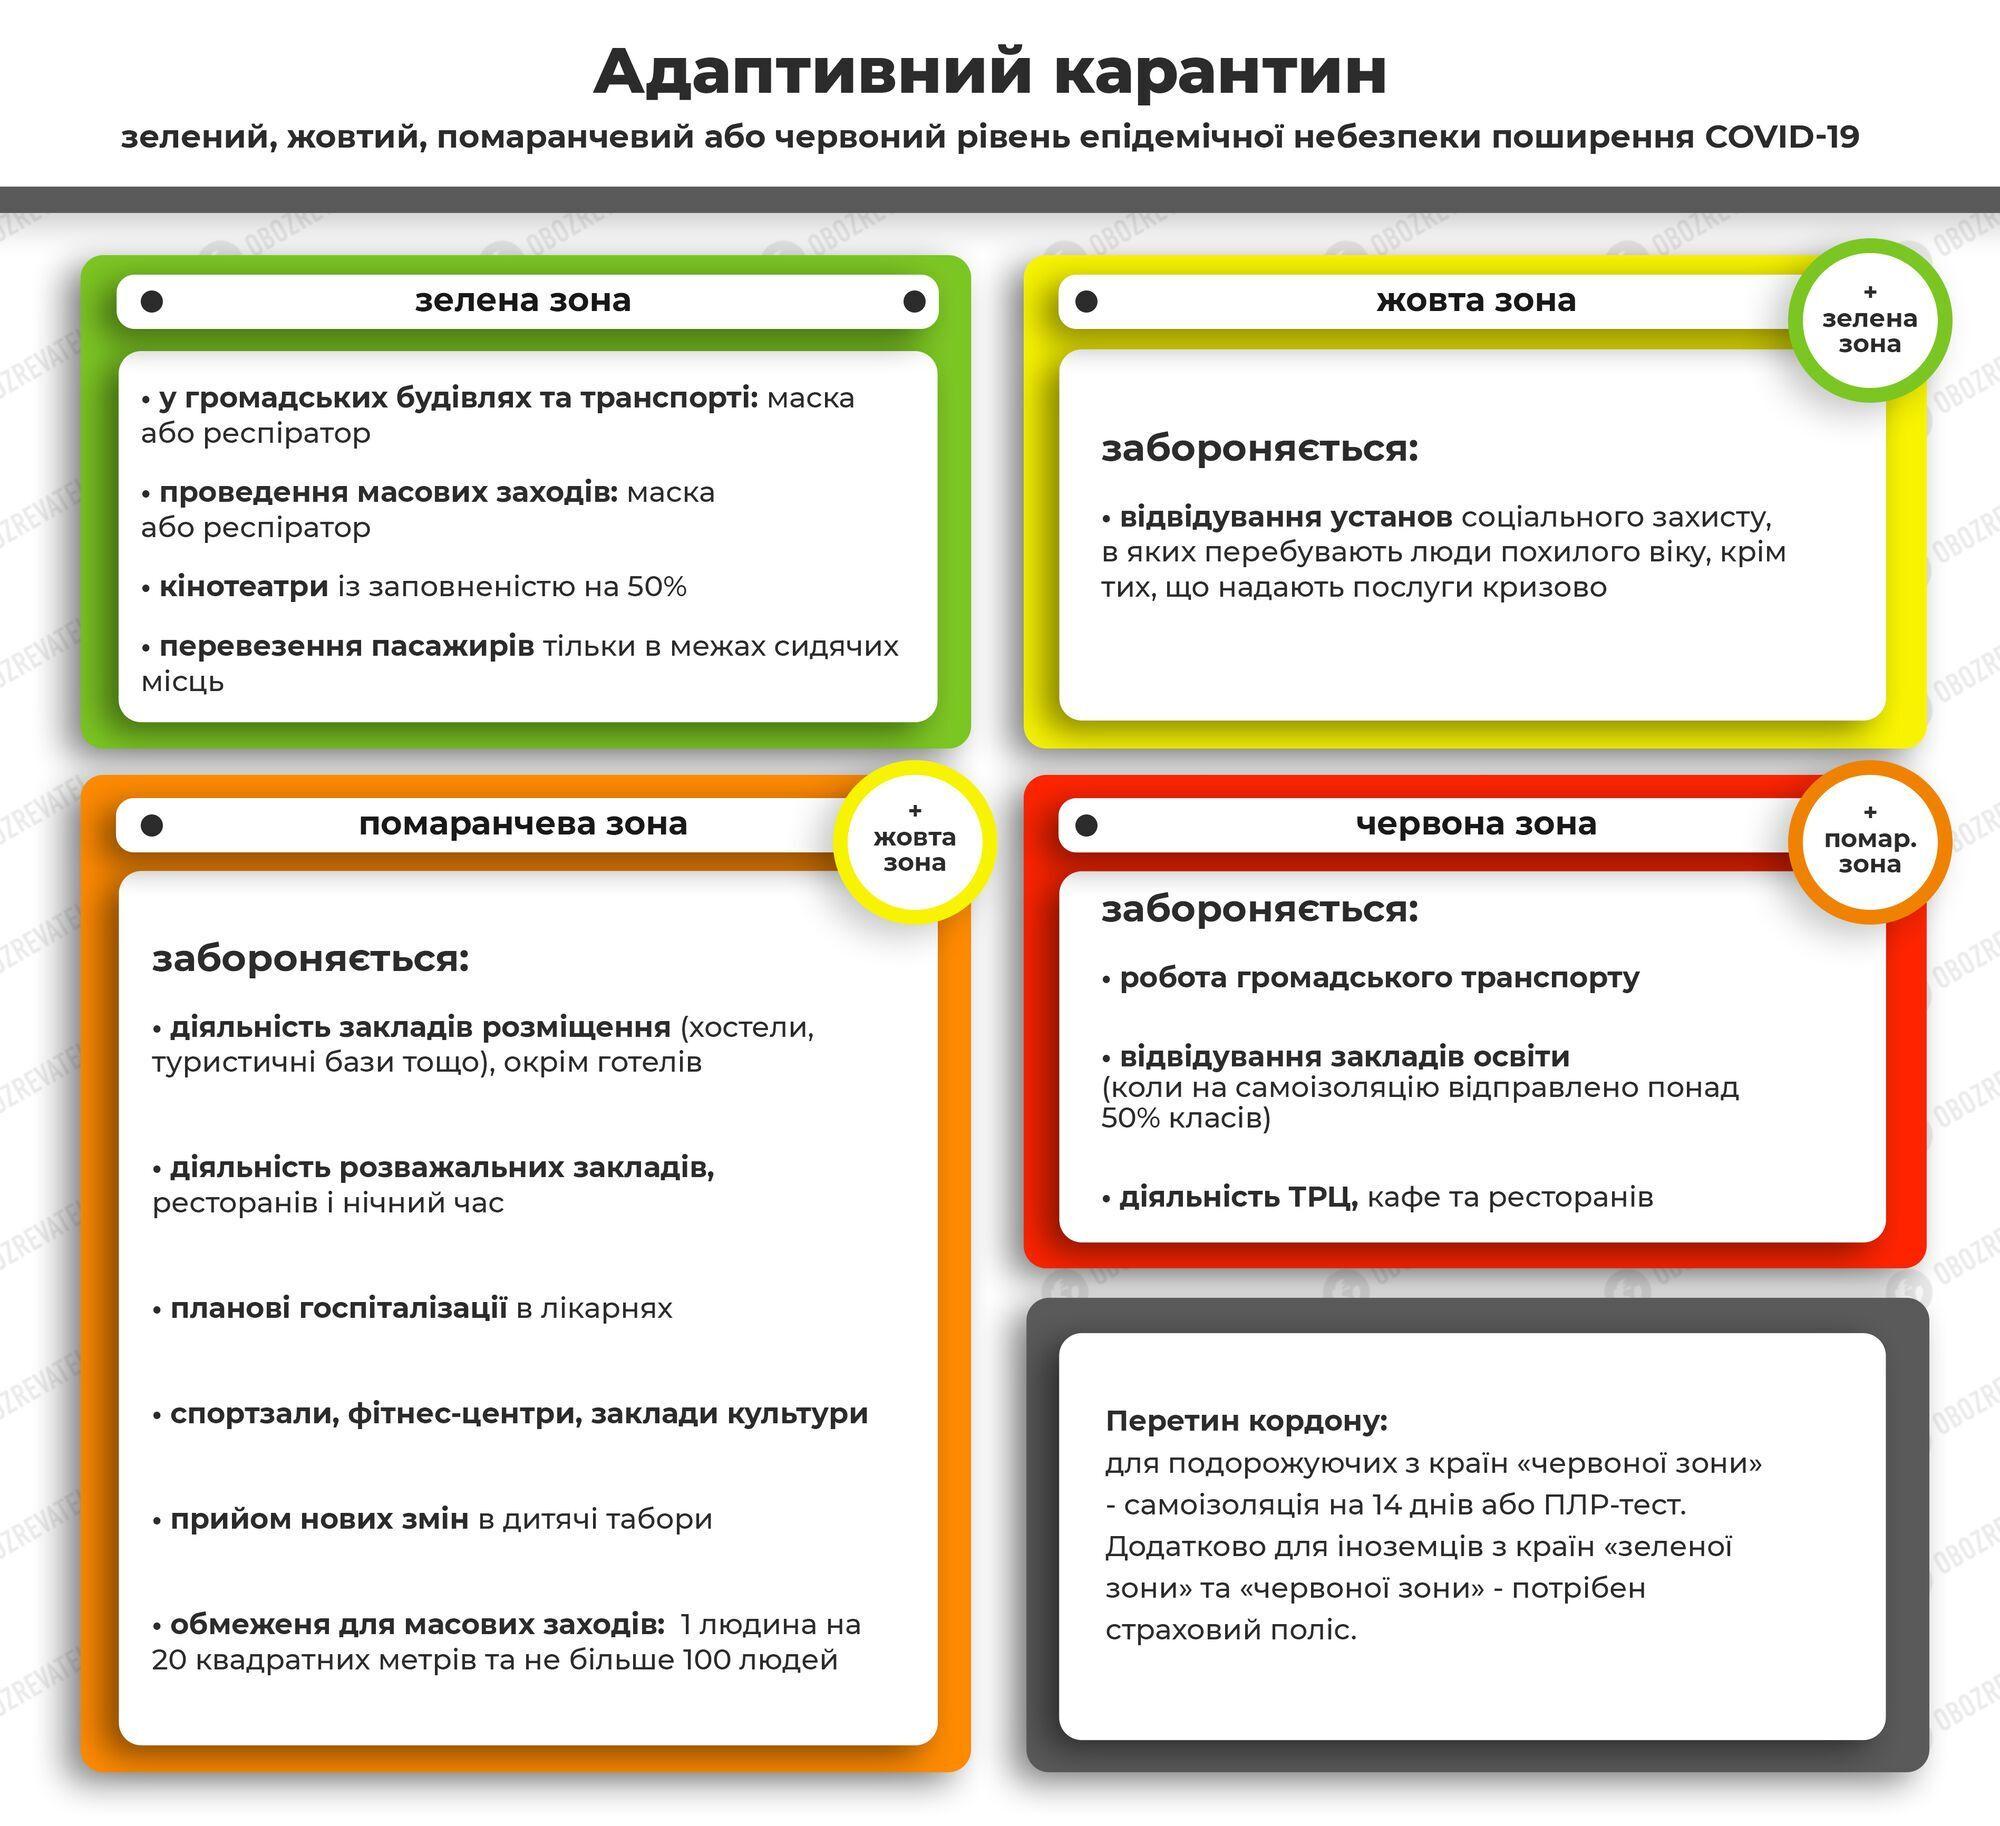 Карантинные ограничения в Украине.